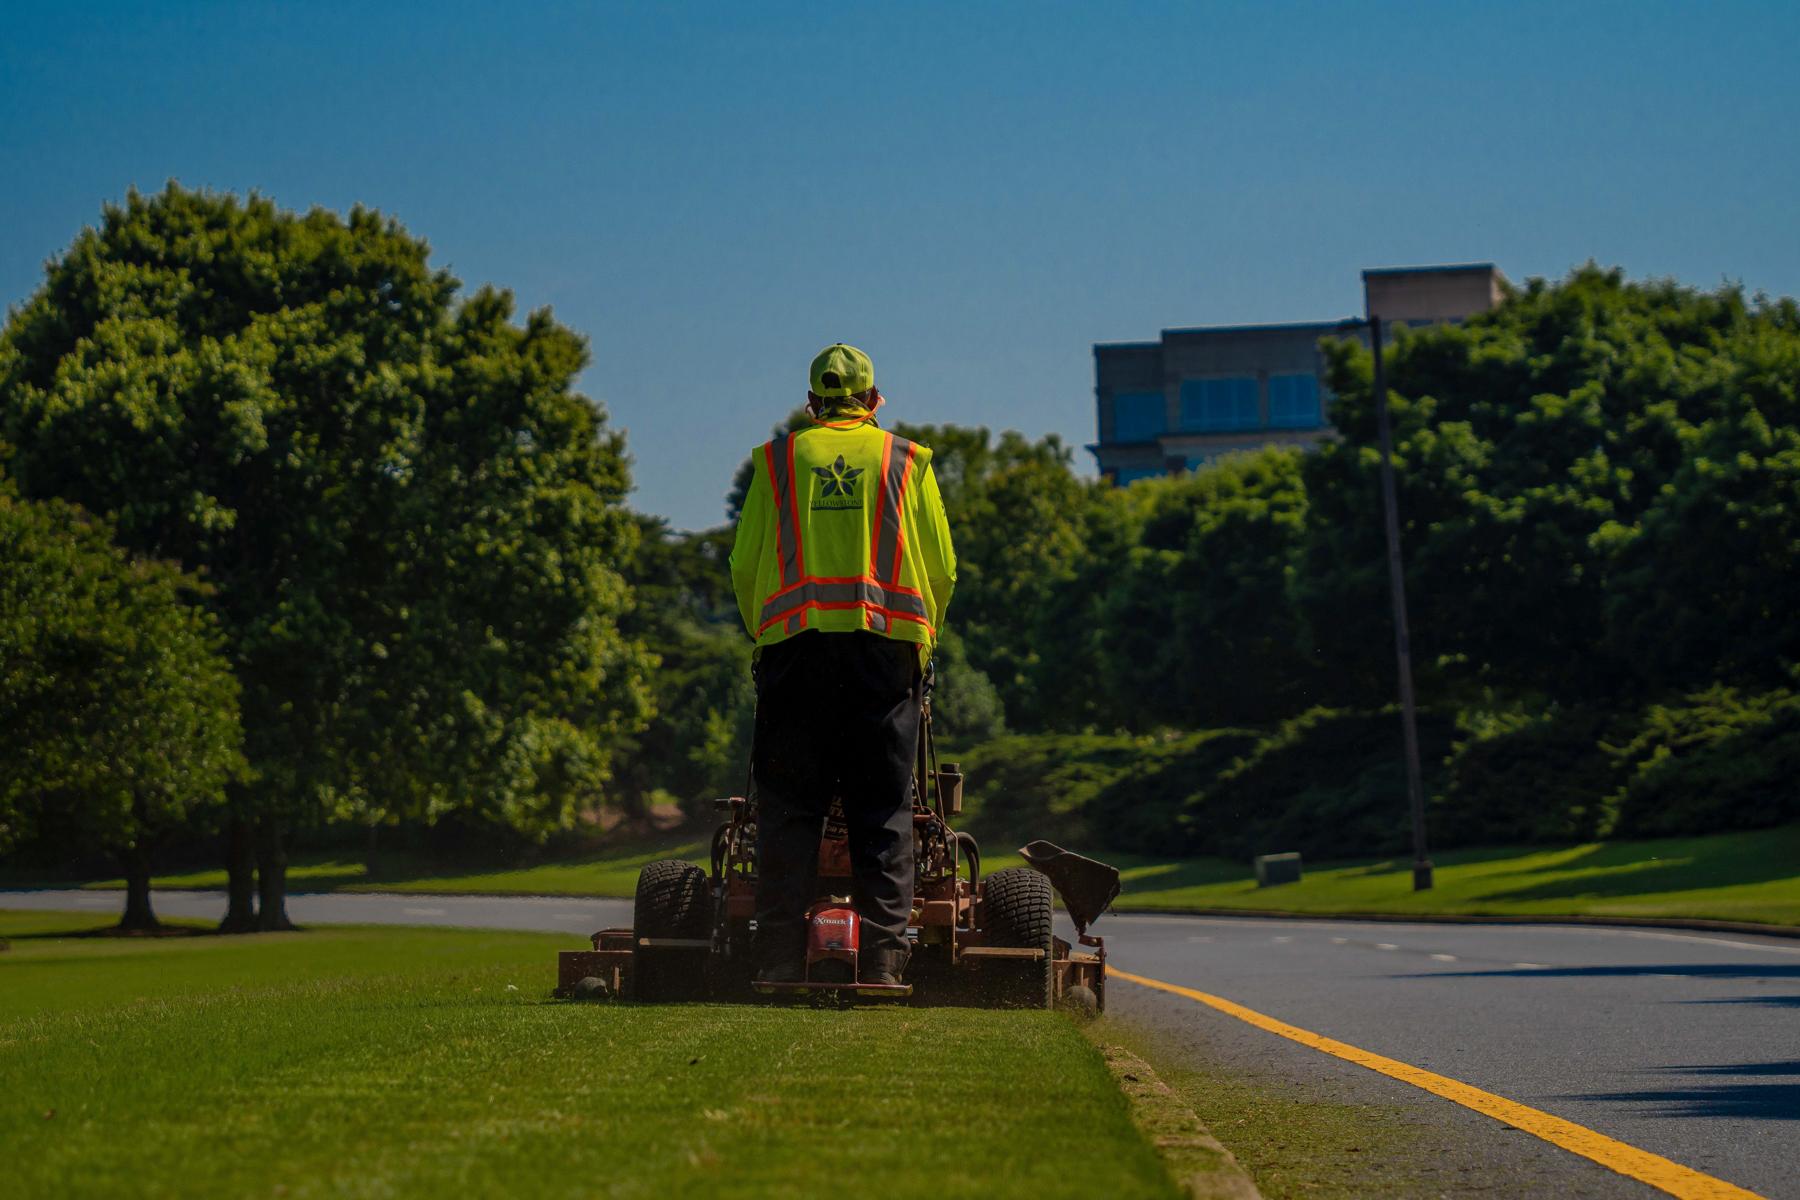 Roadside mowing crew